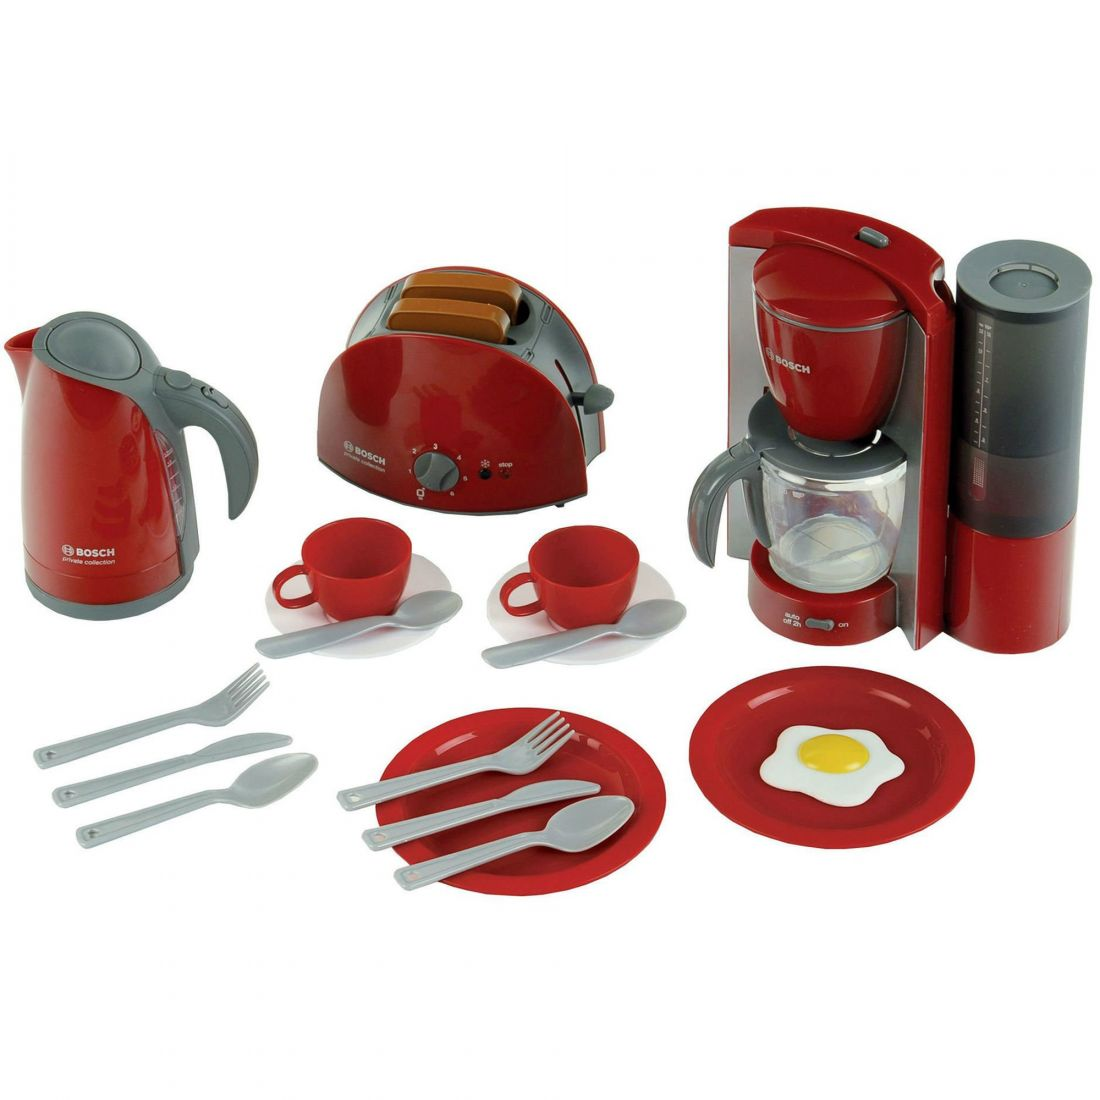 Игрушечный набор для завтрака Bosch 9564